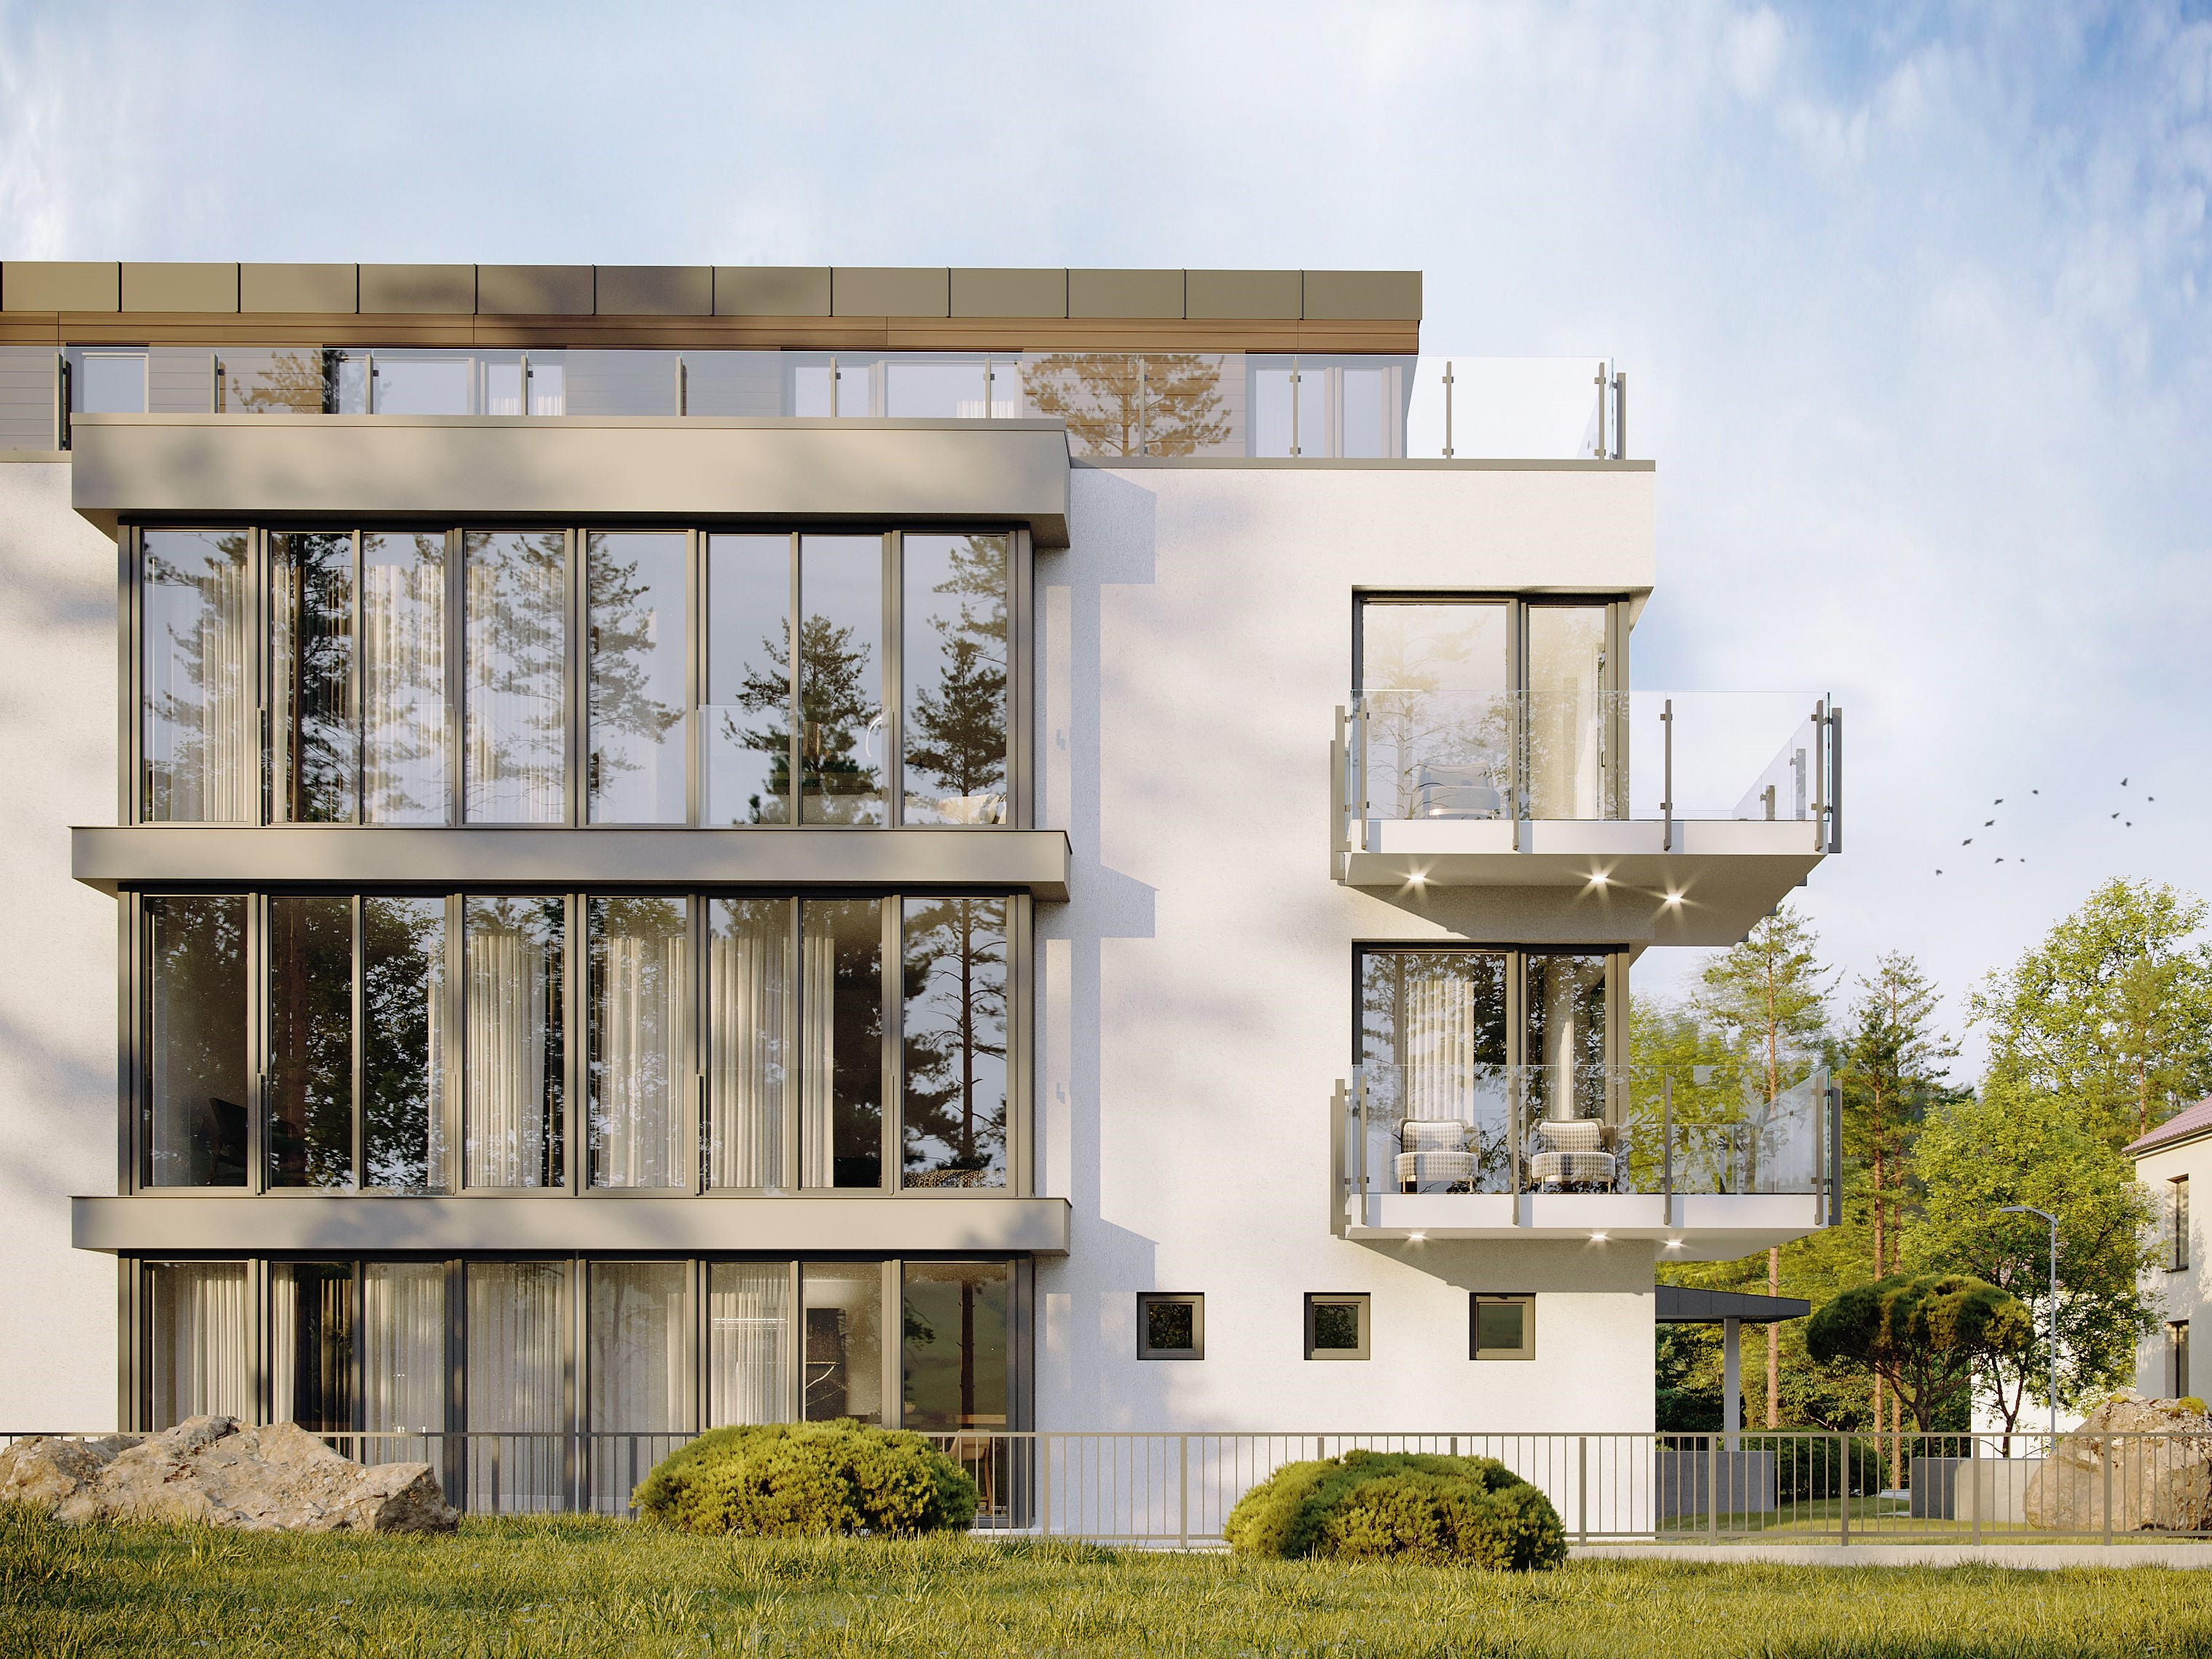 prodej bytu praha 9, novostavby praha, sreality, developeři praha, developerské projekty praha